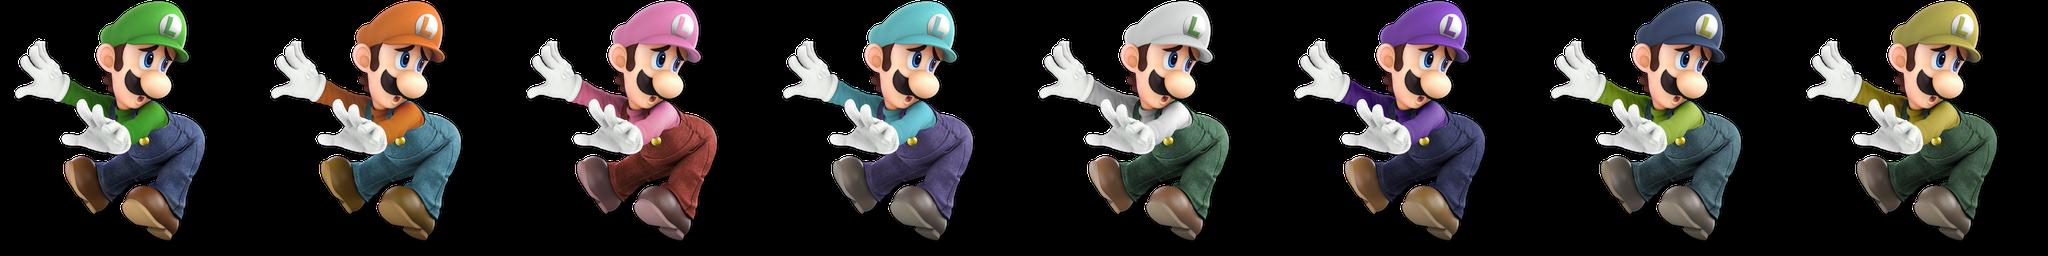 Luigi (Super Smash Bros. Ultimate)